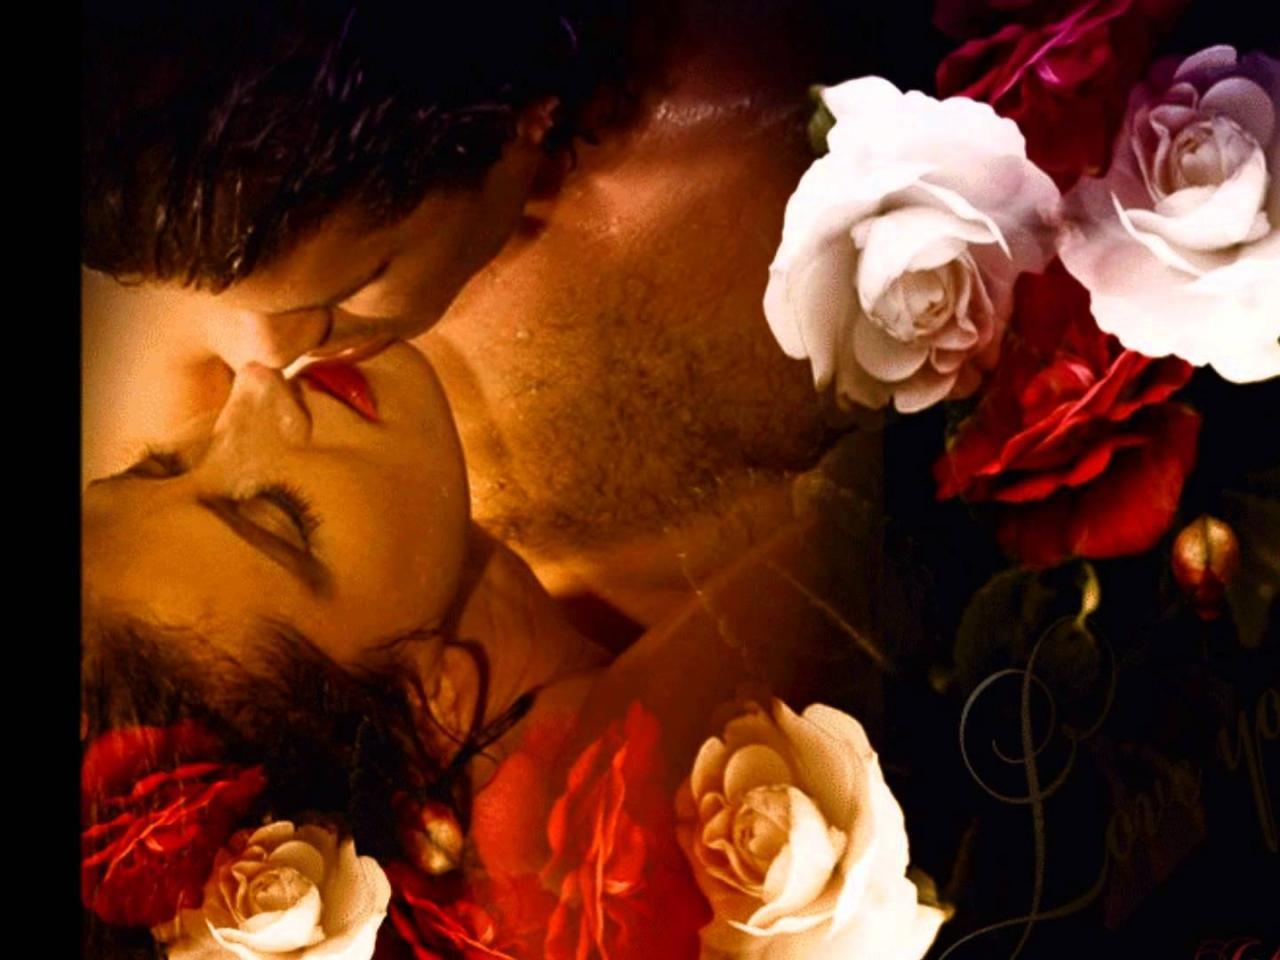 Открытки страстного поцелуя